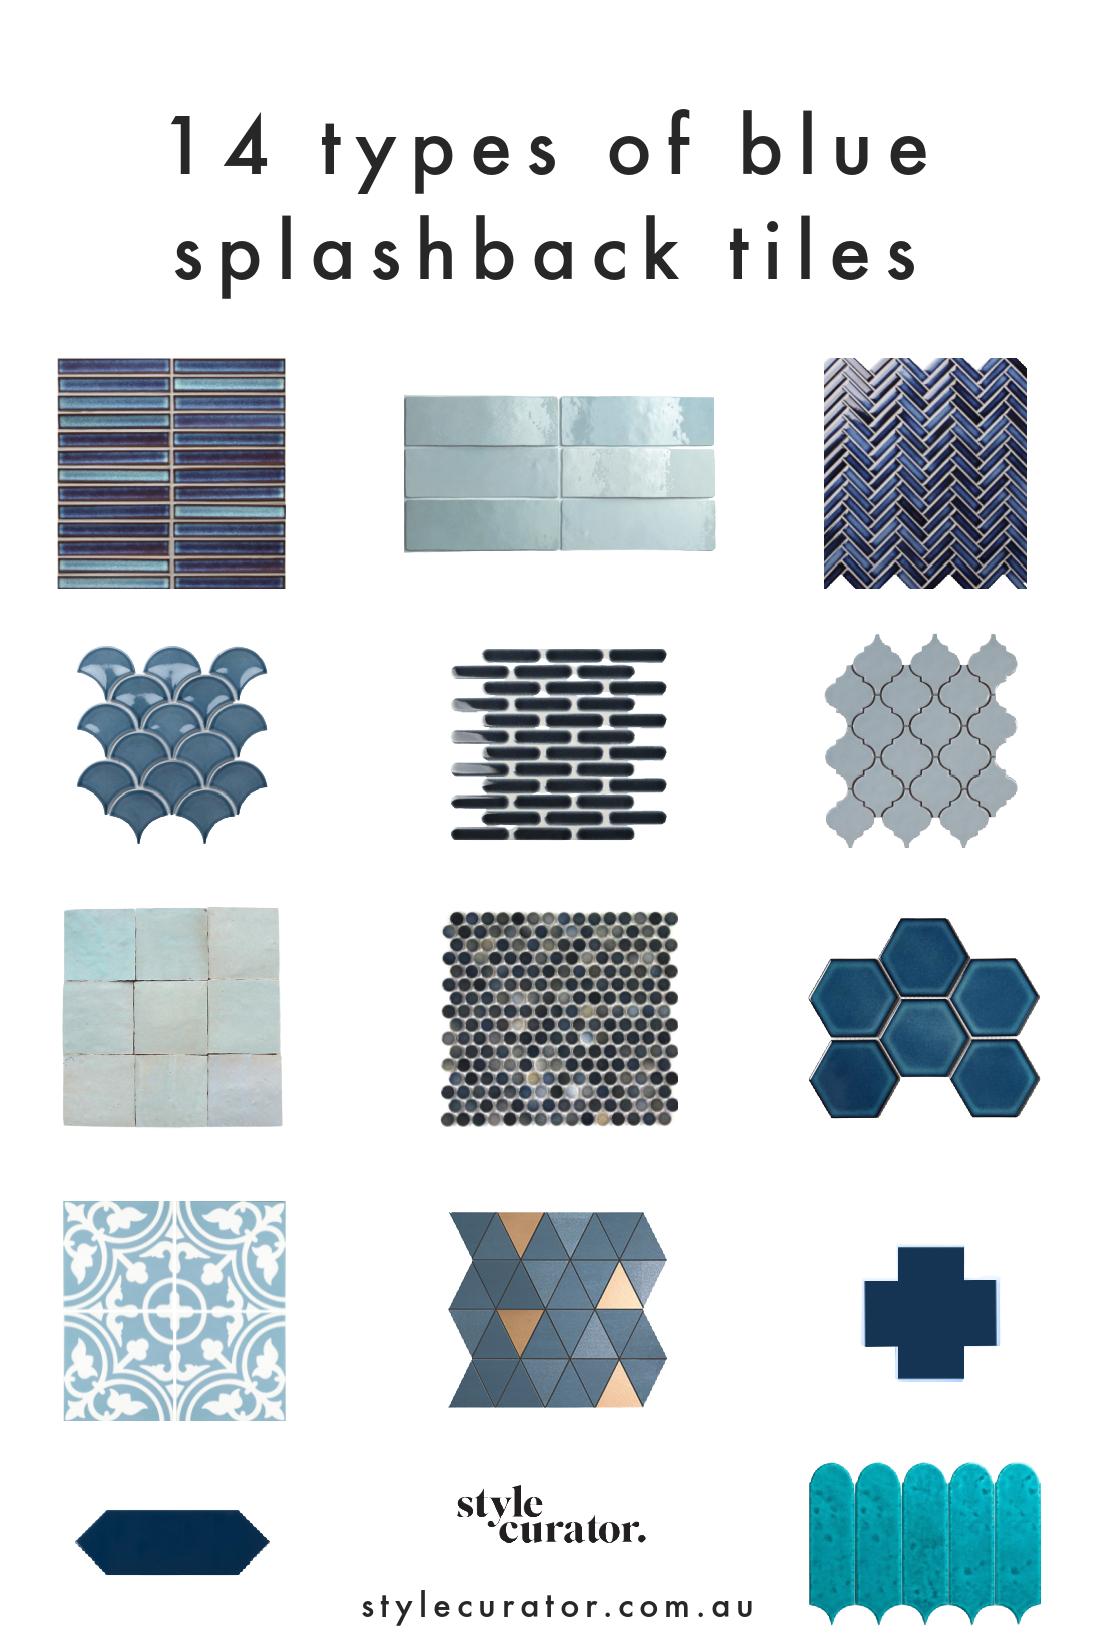 Blue splashback tiles